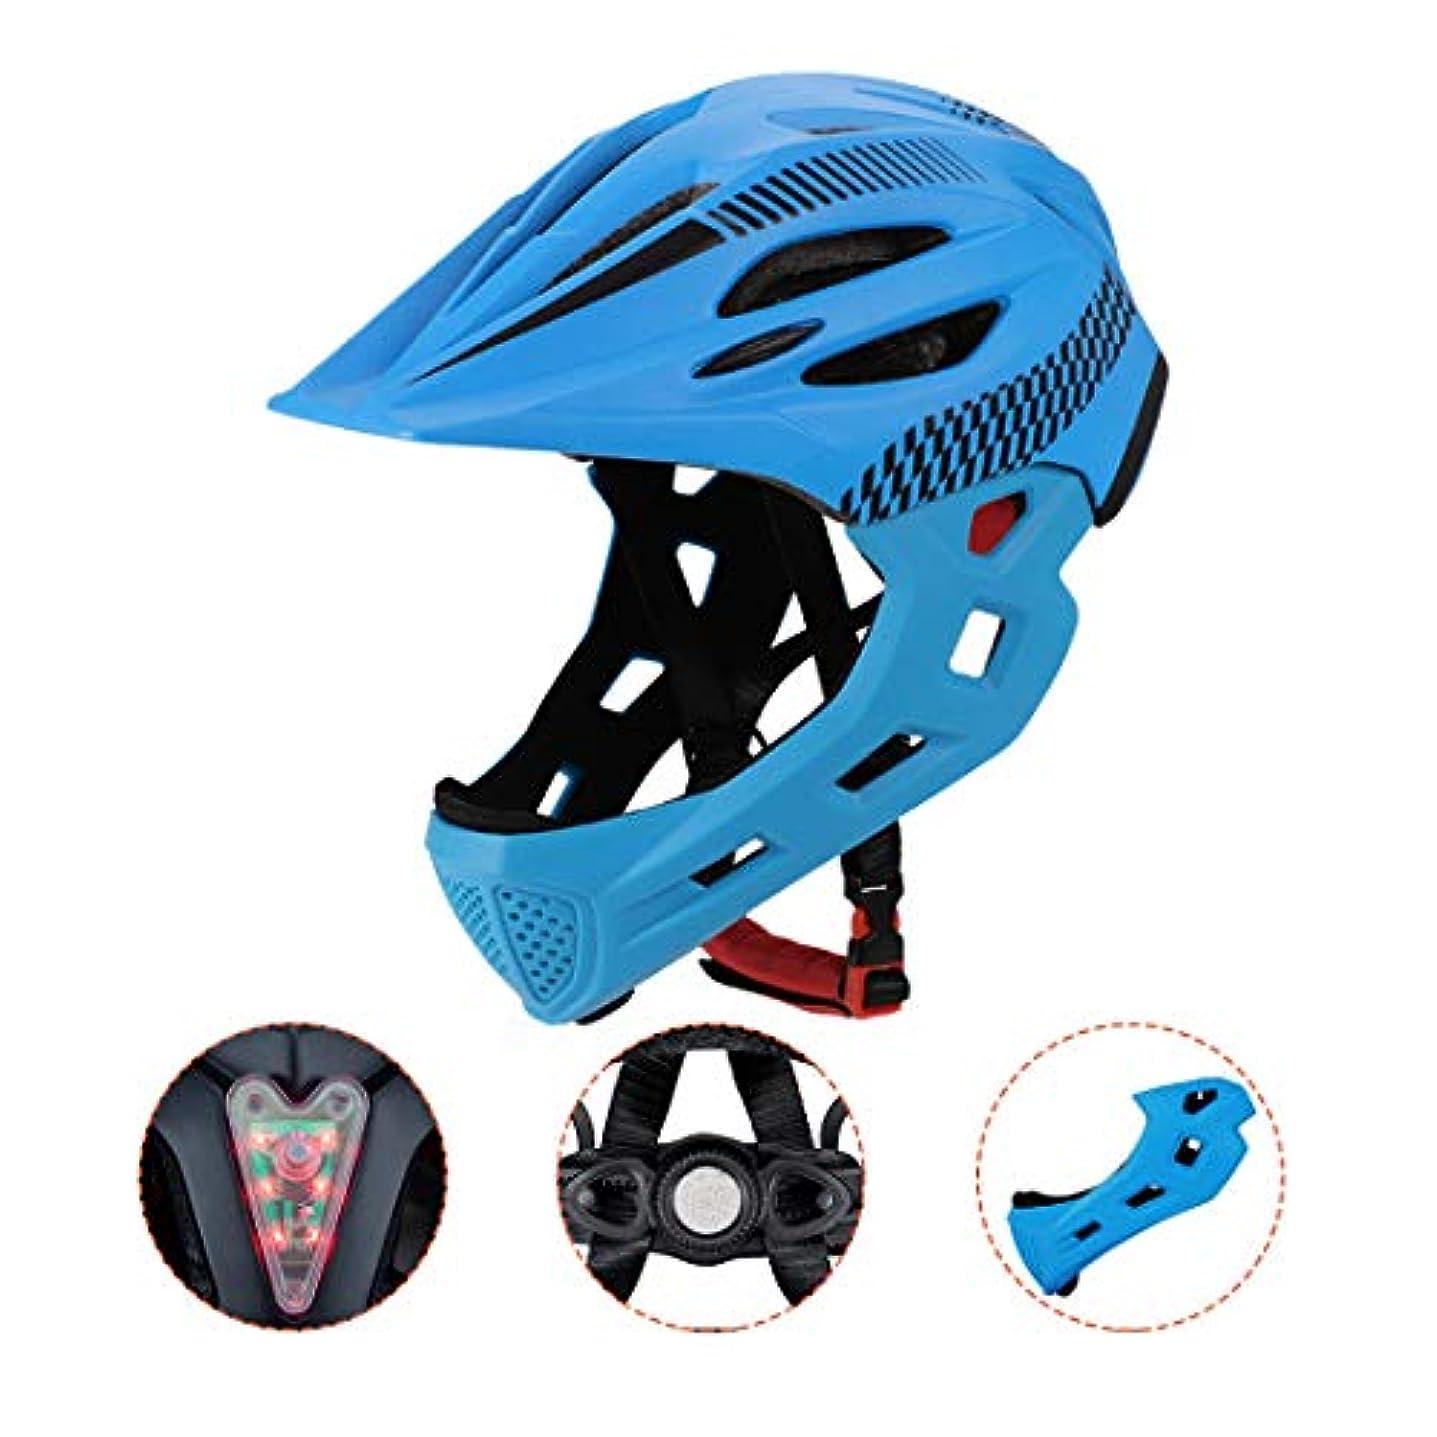 疑い者事業内容名誉ある子供のサイクリングヘルメットねじれホイールスライドガードヘルメット車のライトバランス車子供の青